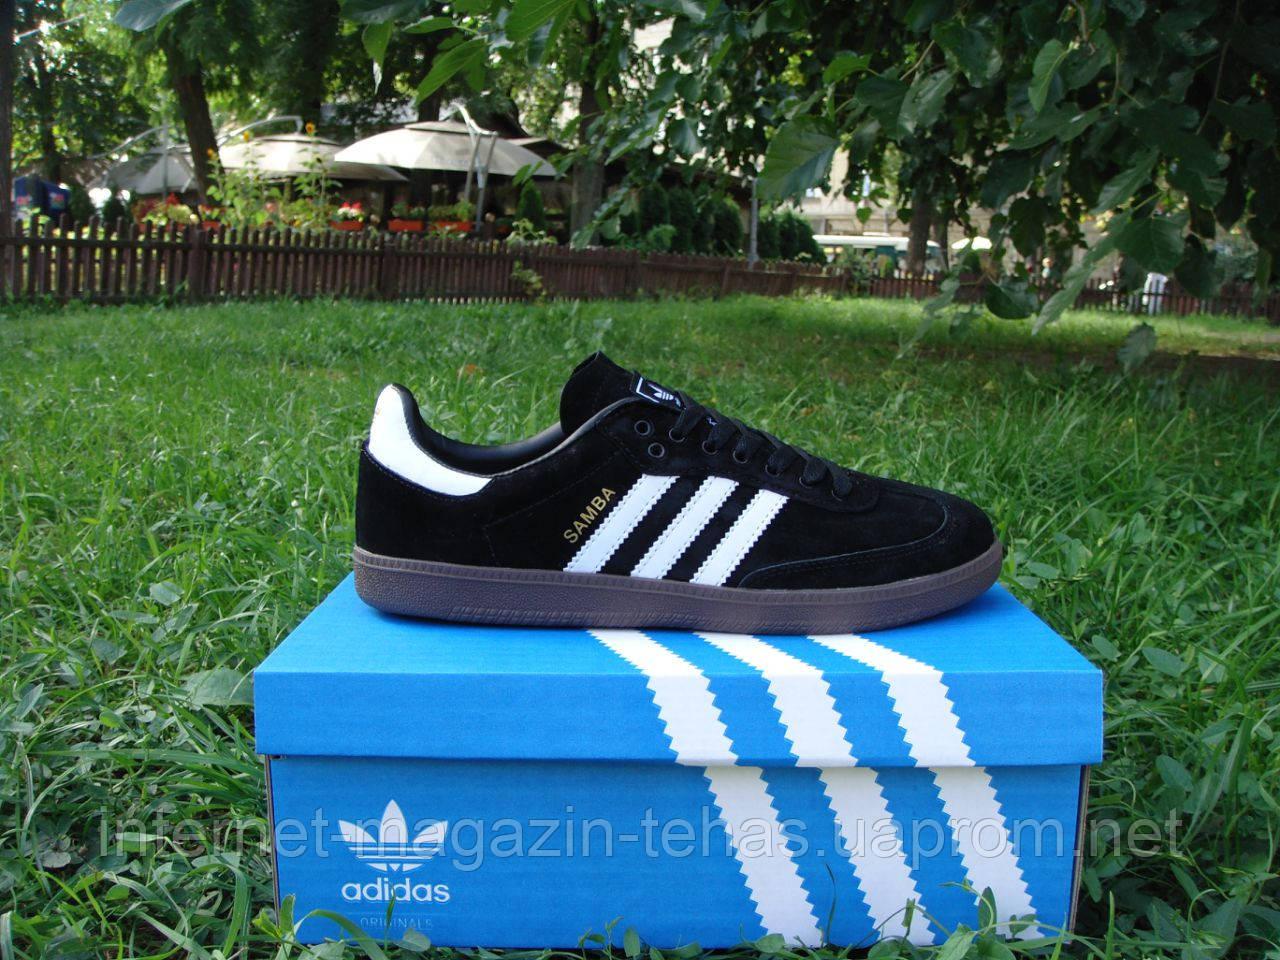 fd6e7cab788a Стильные Новые Кроссовки Adidas Samba. (адидас Самба) Черные с Белыми  Полосками — в Категории